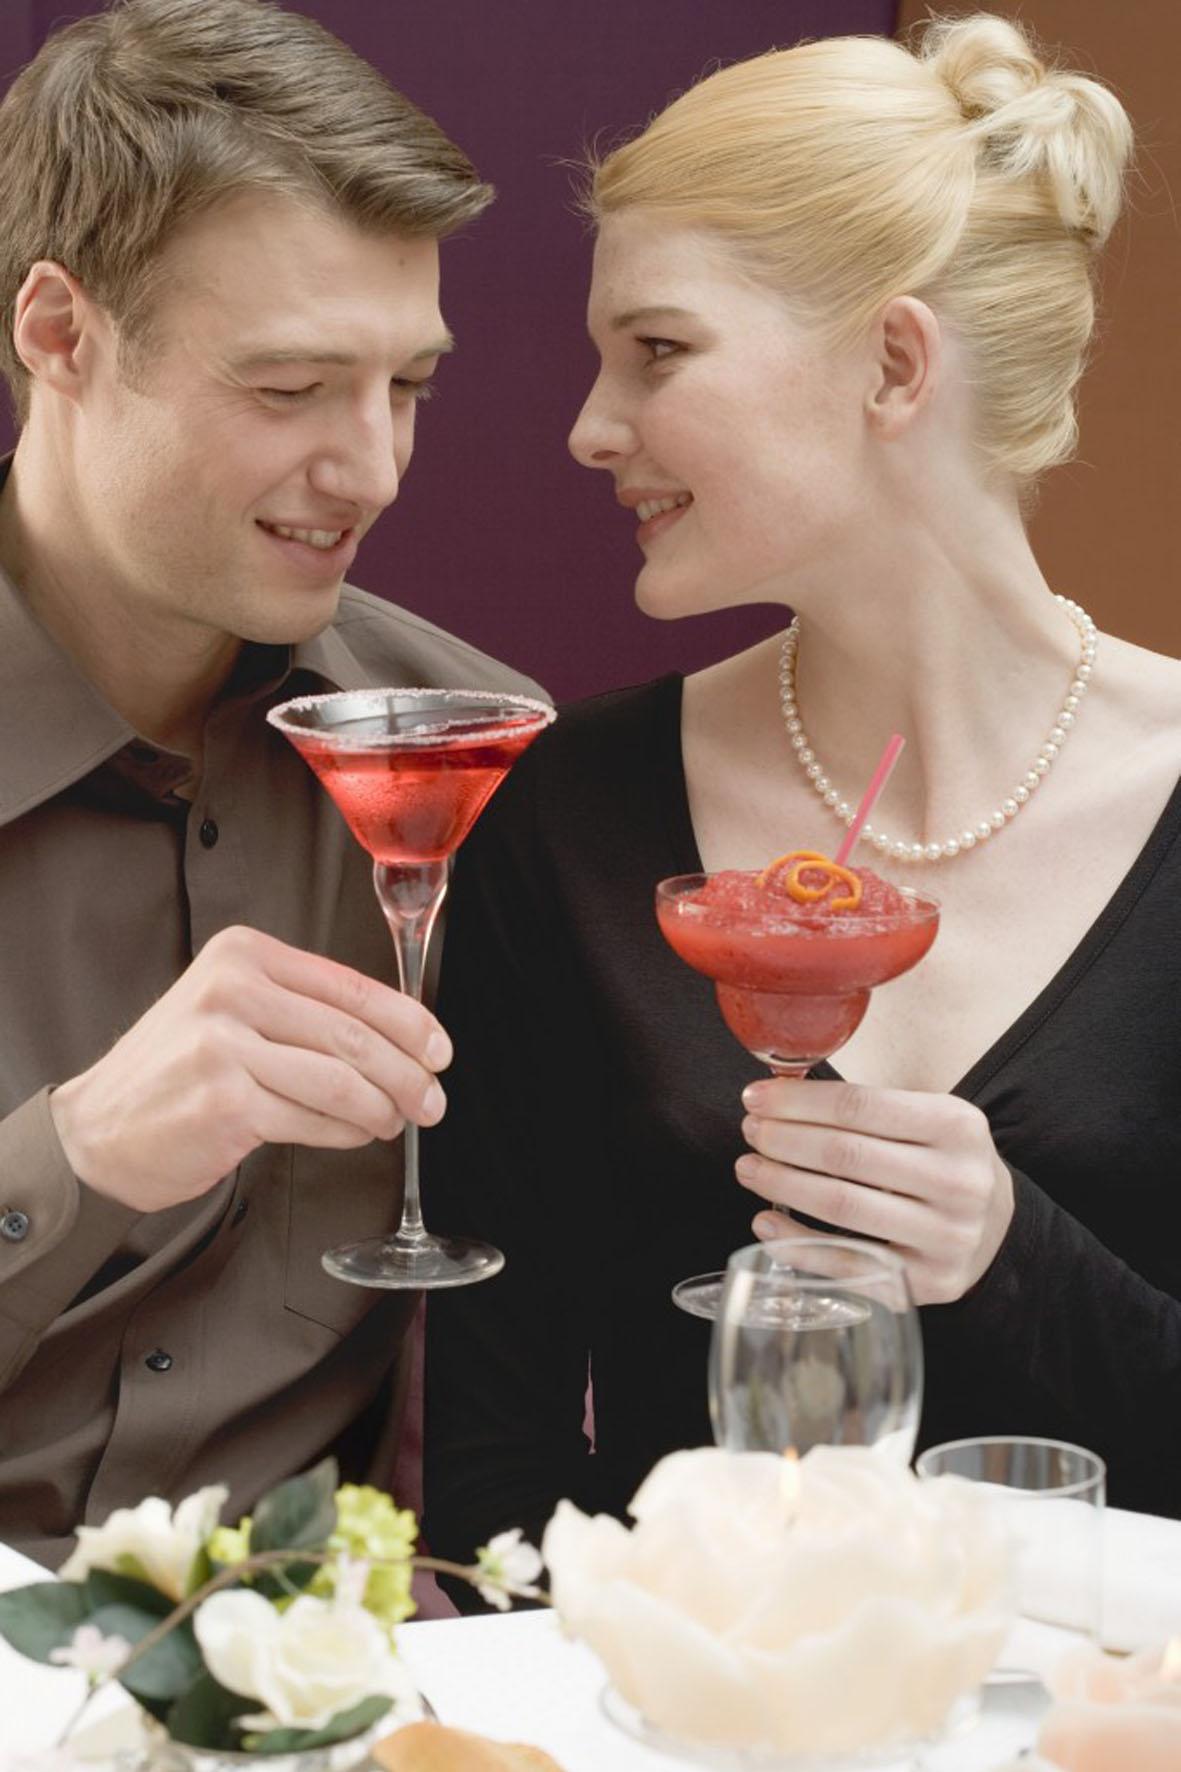 Rot wie die Liebe - so sind am Valentinstag die passenden Cocktails